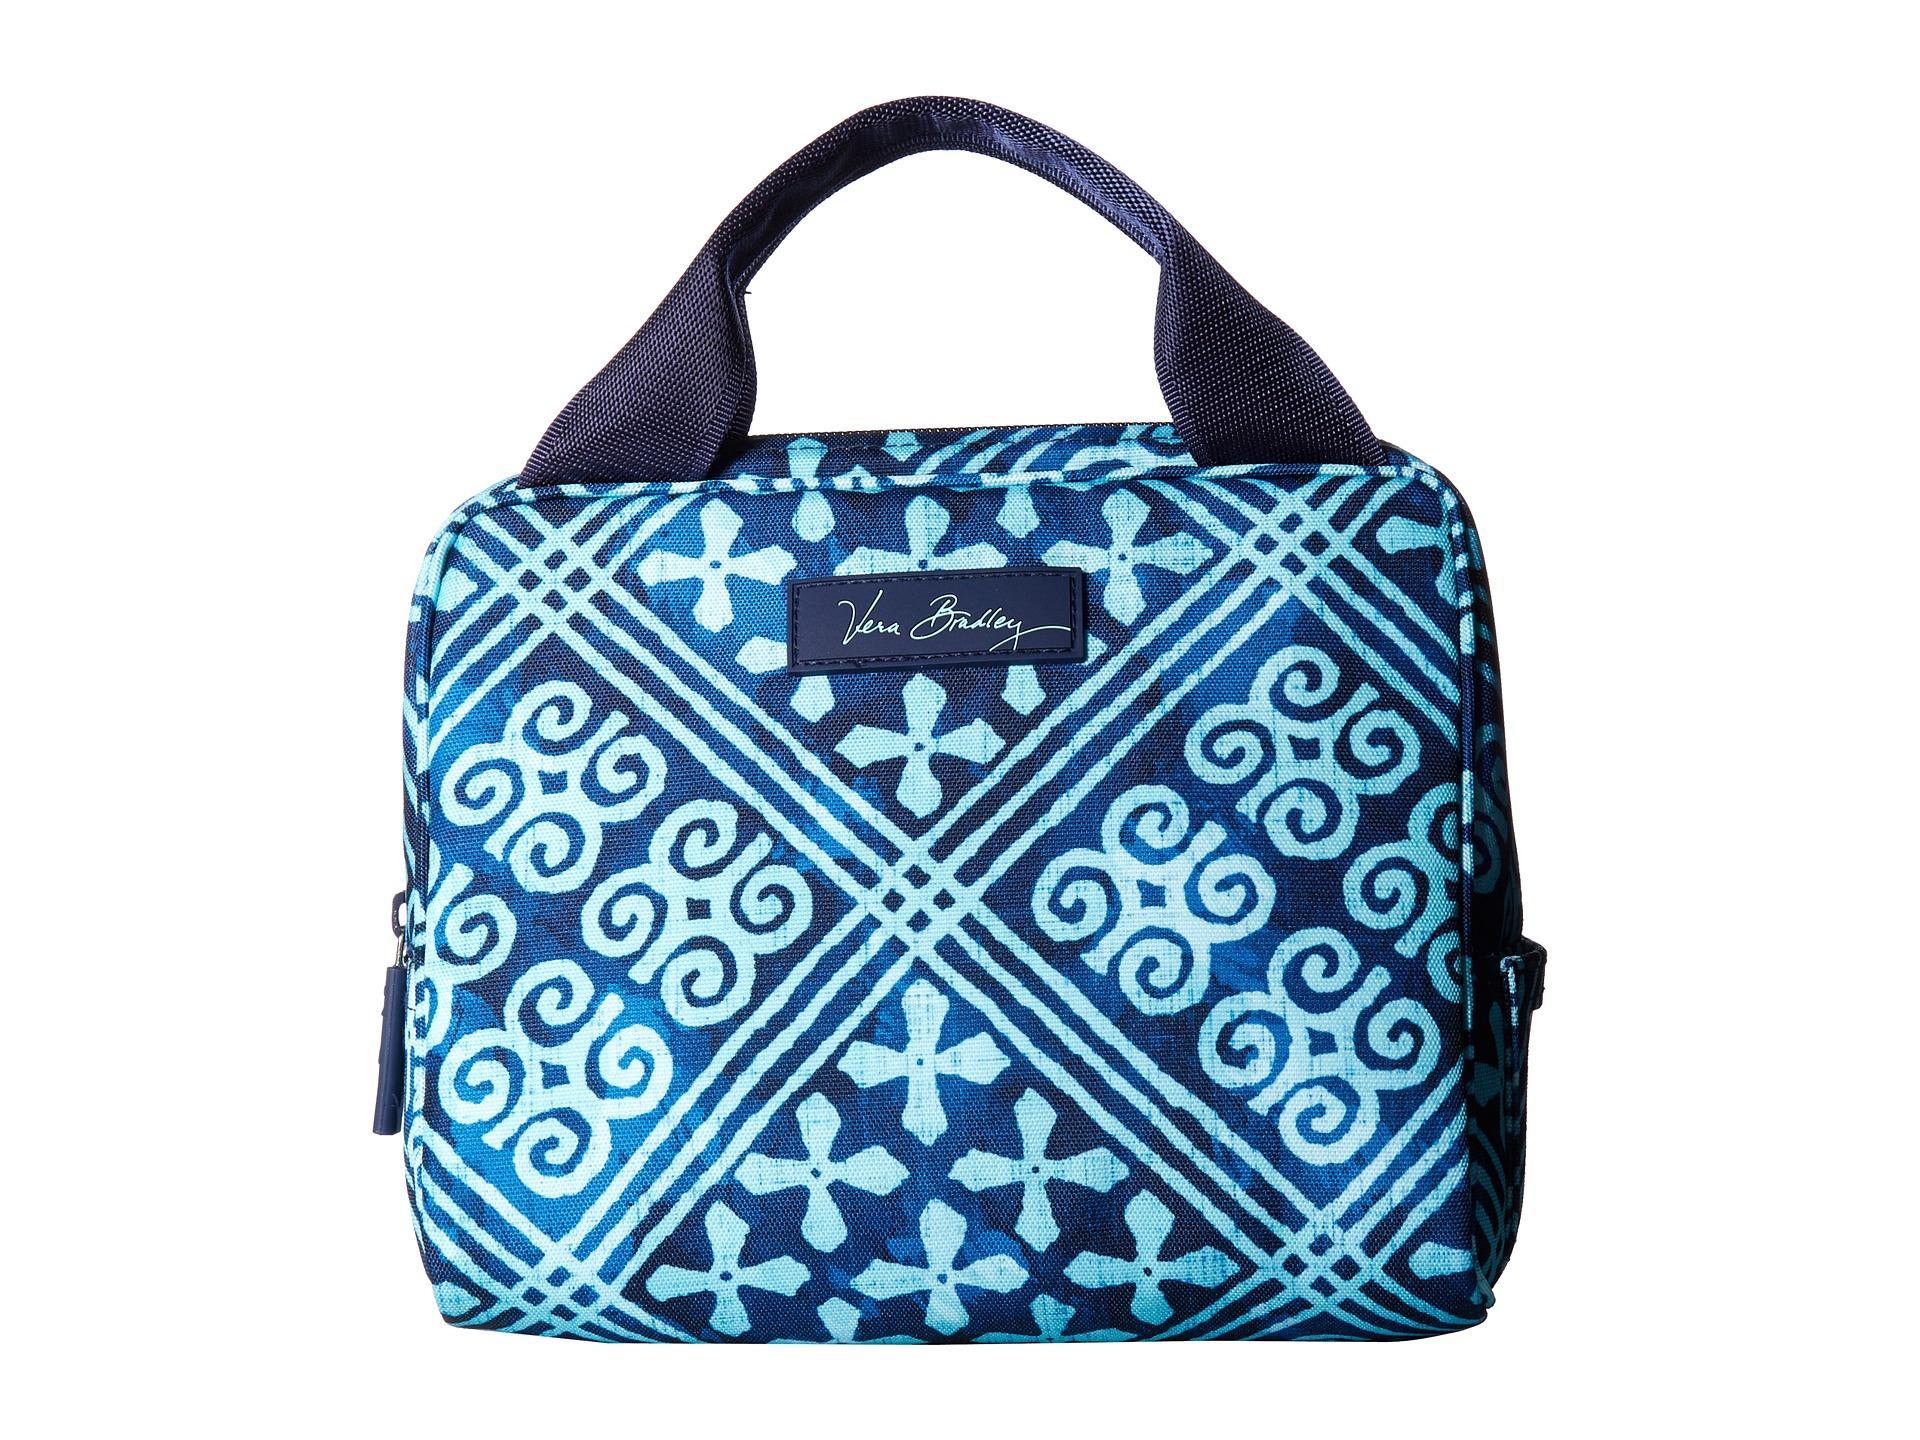 Lyst vera bradley lighten up lunch cooler in blue jpg 1920x1440 Cuban tiles  lunch sack 1c7175a0686ff